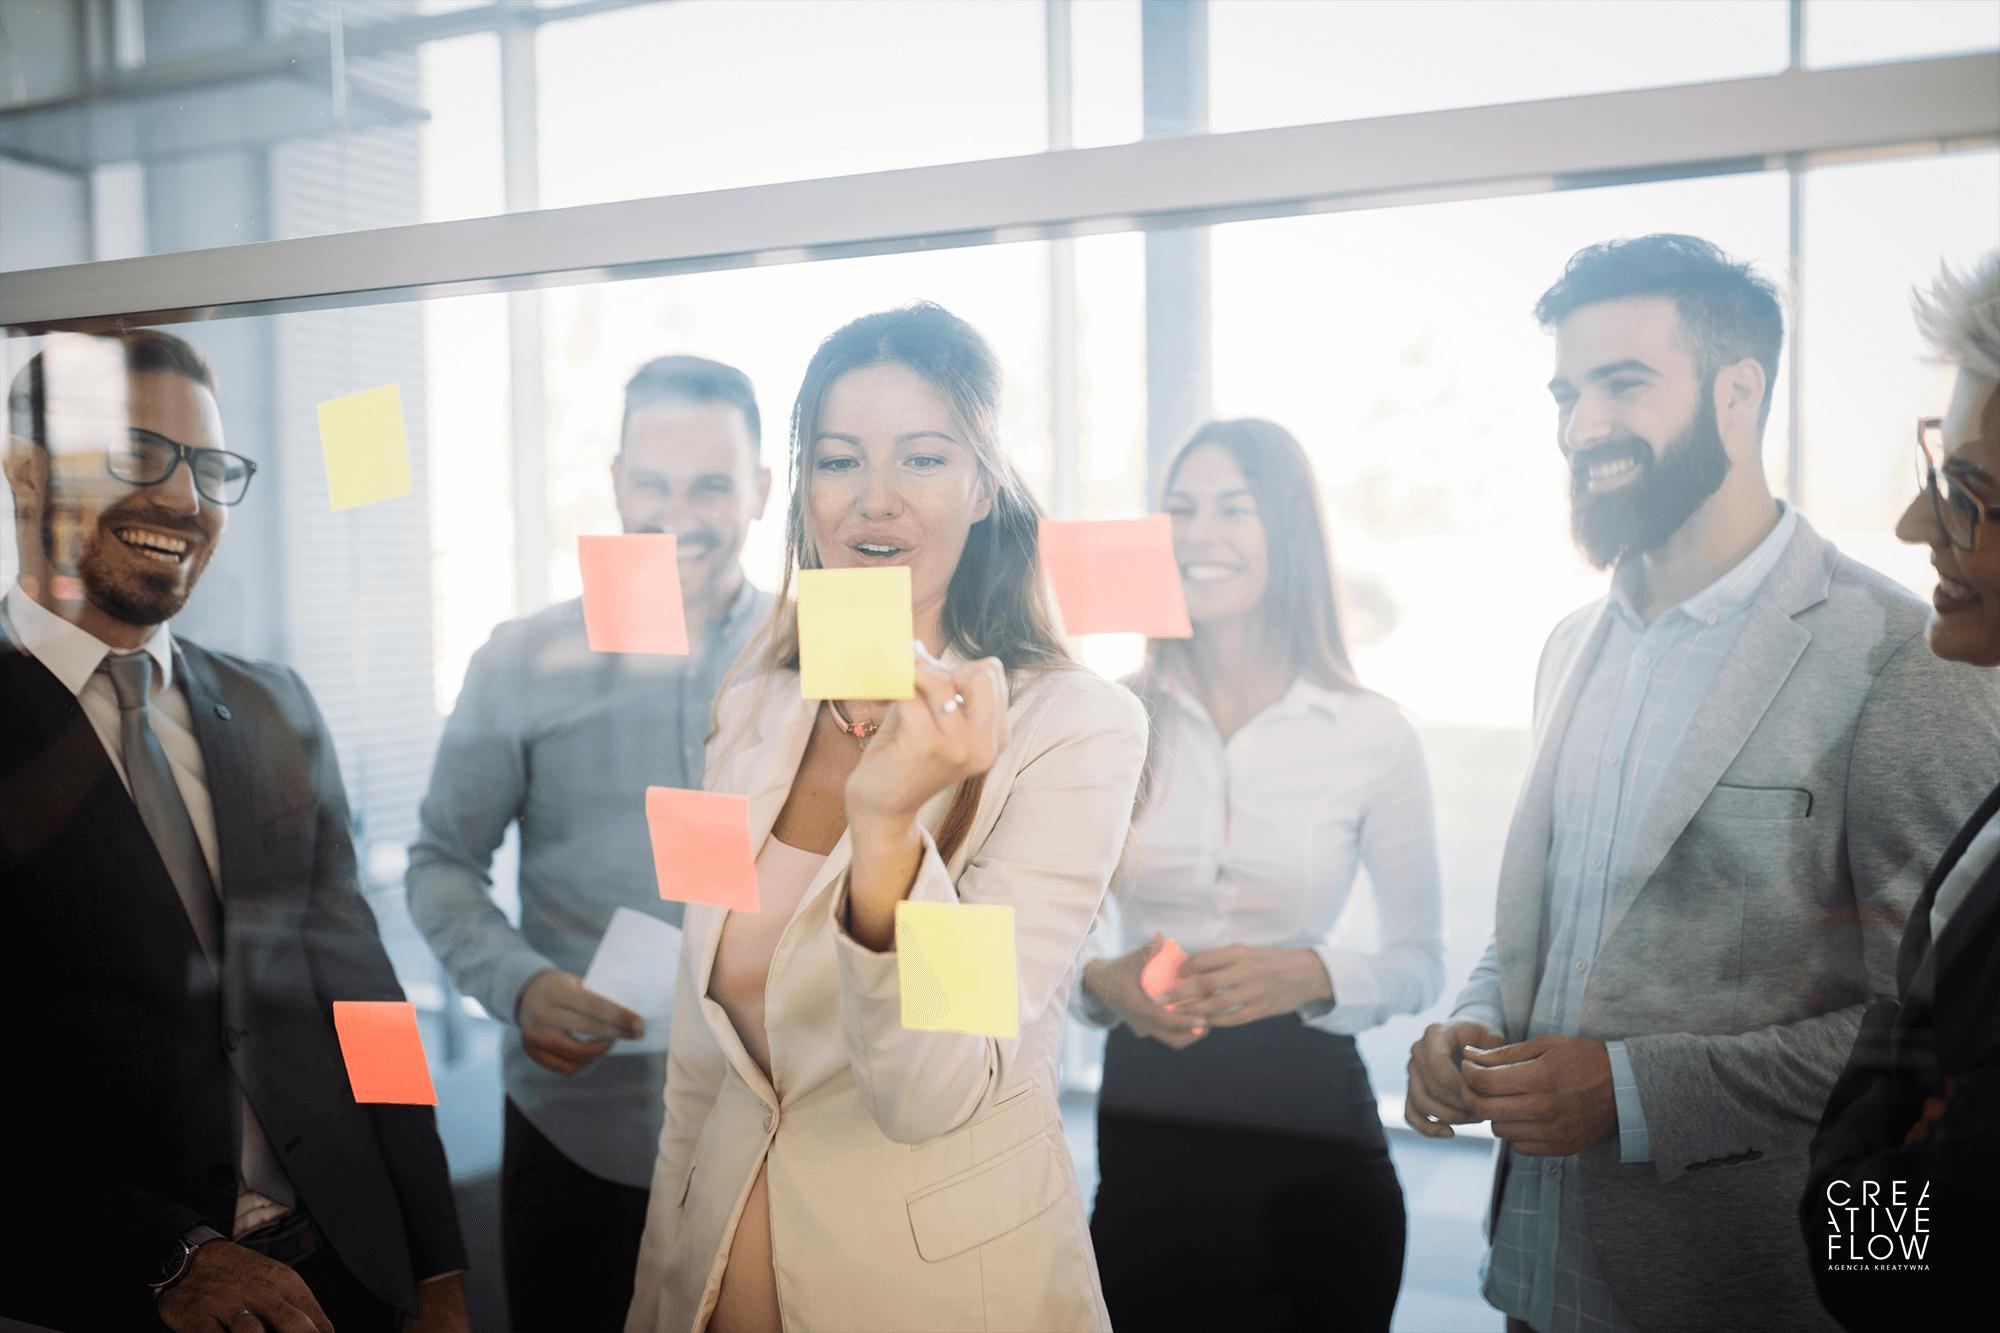 szkolenia iwarsztaty agencji marketingowej Creative Flow